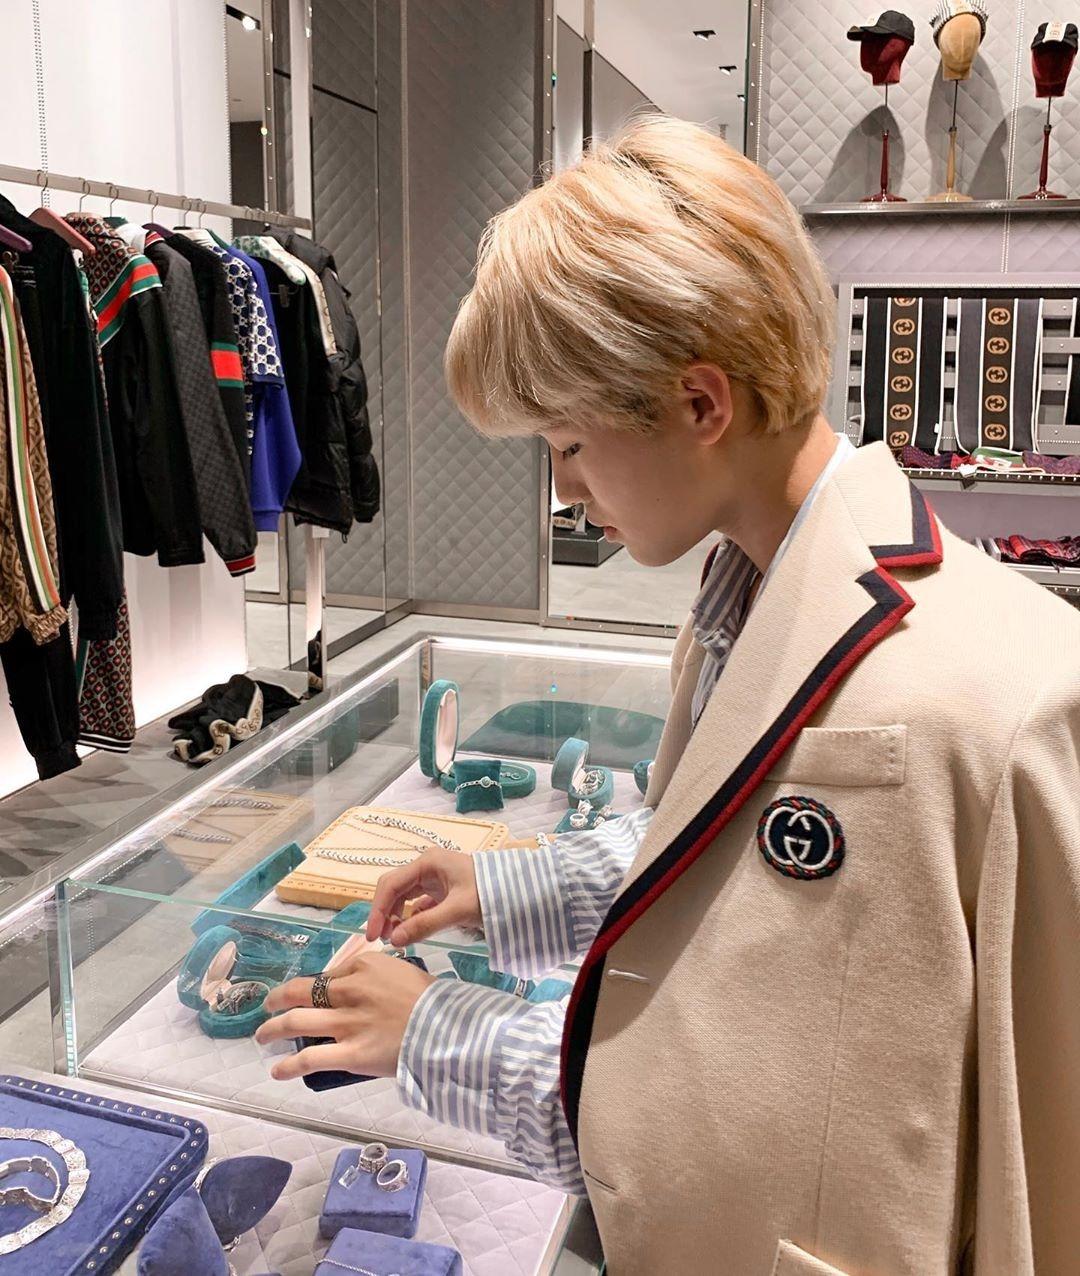 Là fan Kpop chính hiệu, phong cách của Nhất Hoàng chịu ảnh hưởng rất rõ nét bởi các idol xứ kim chi. Nhiều bộ cánh của anh chàng gây liên tưởng đến Kai (EXO), V (BTS)...